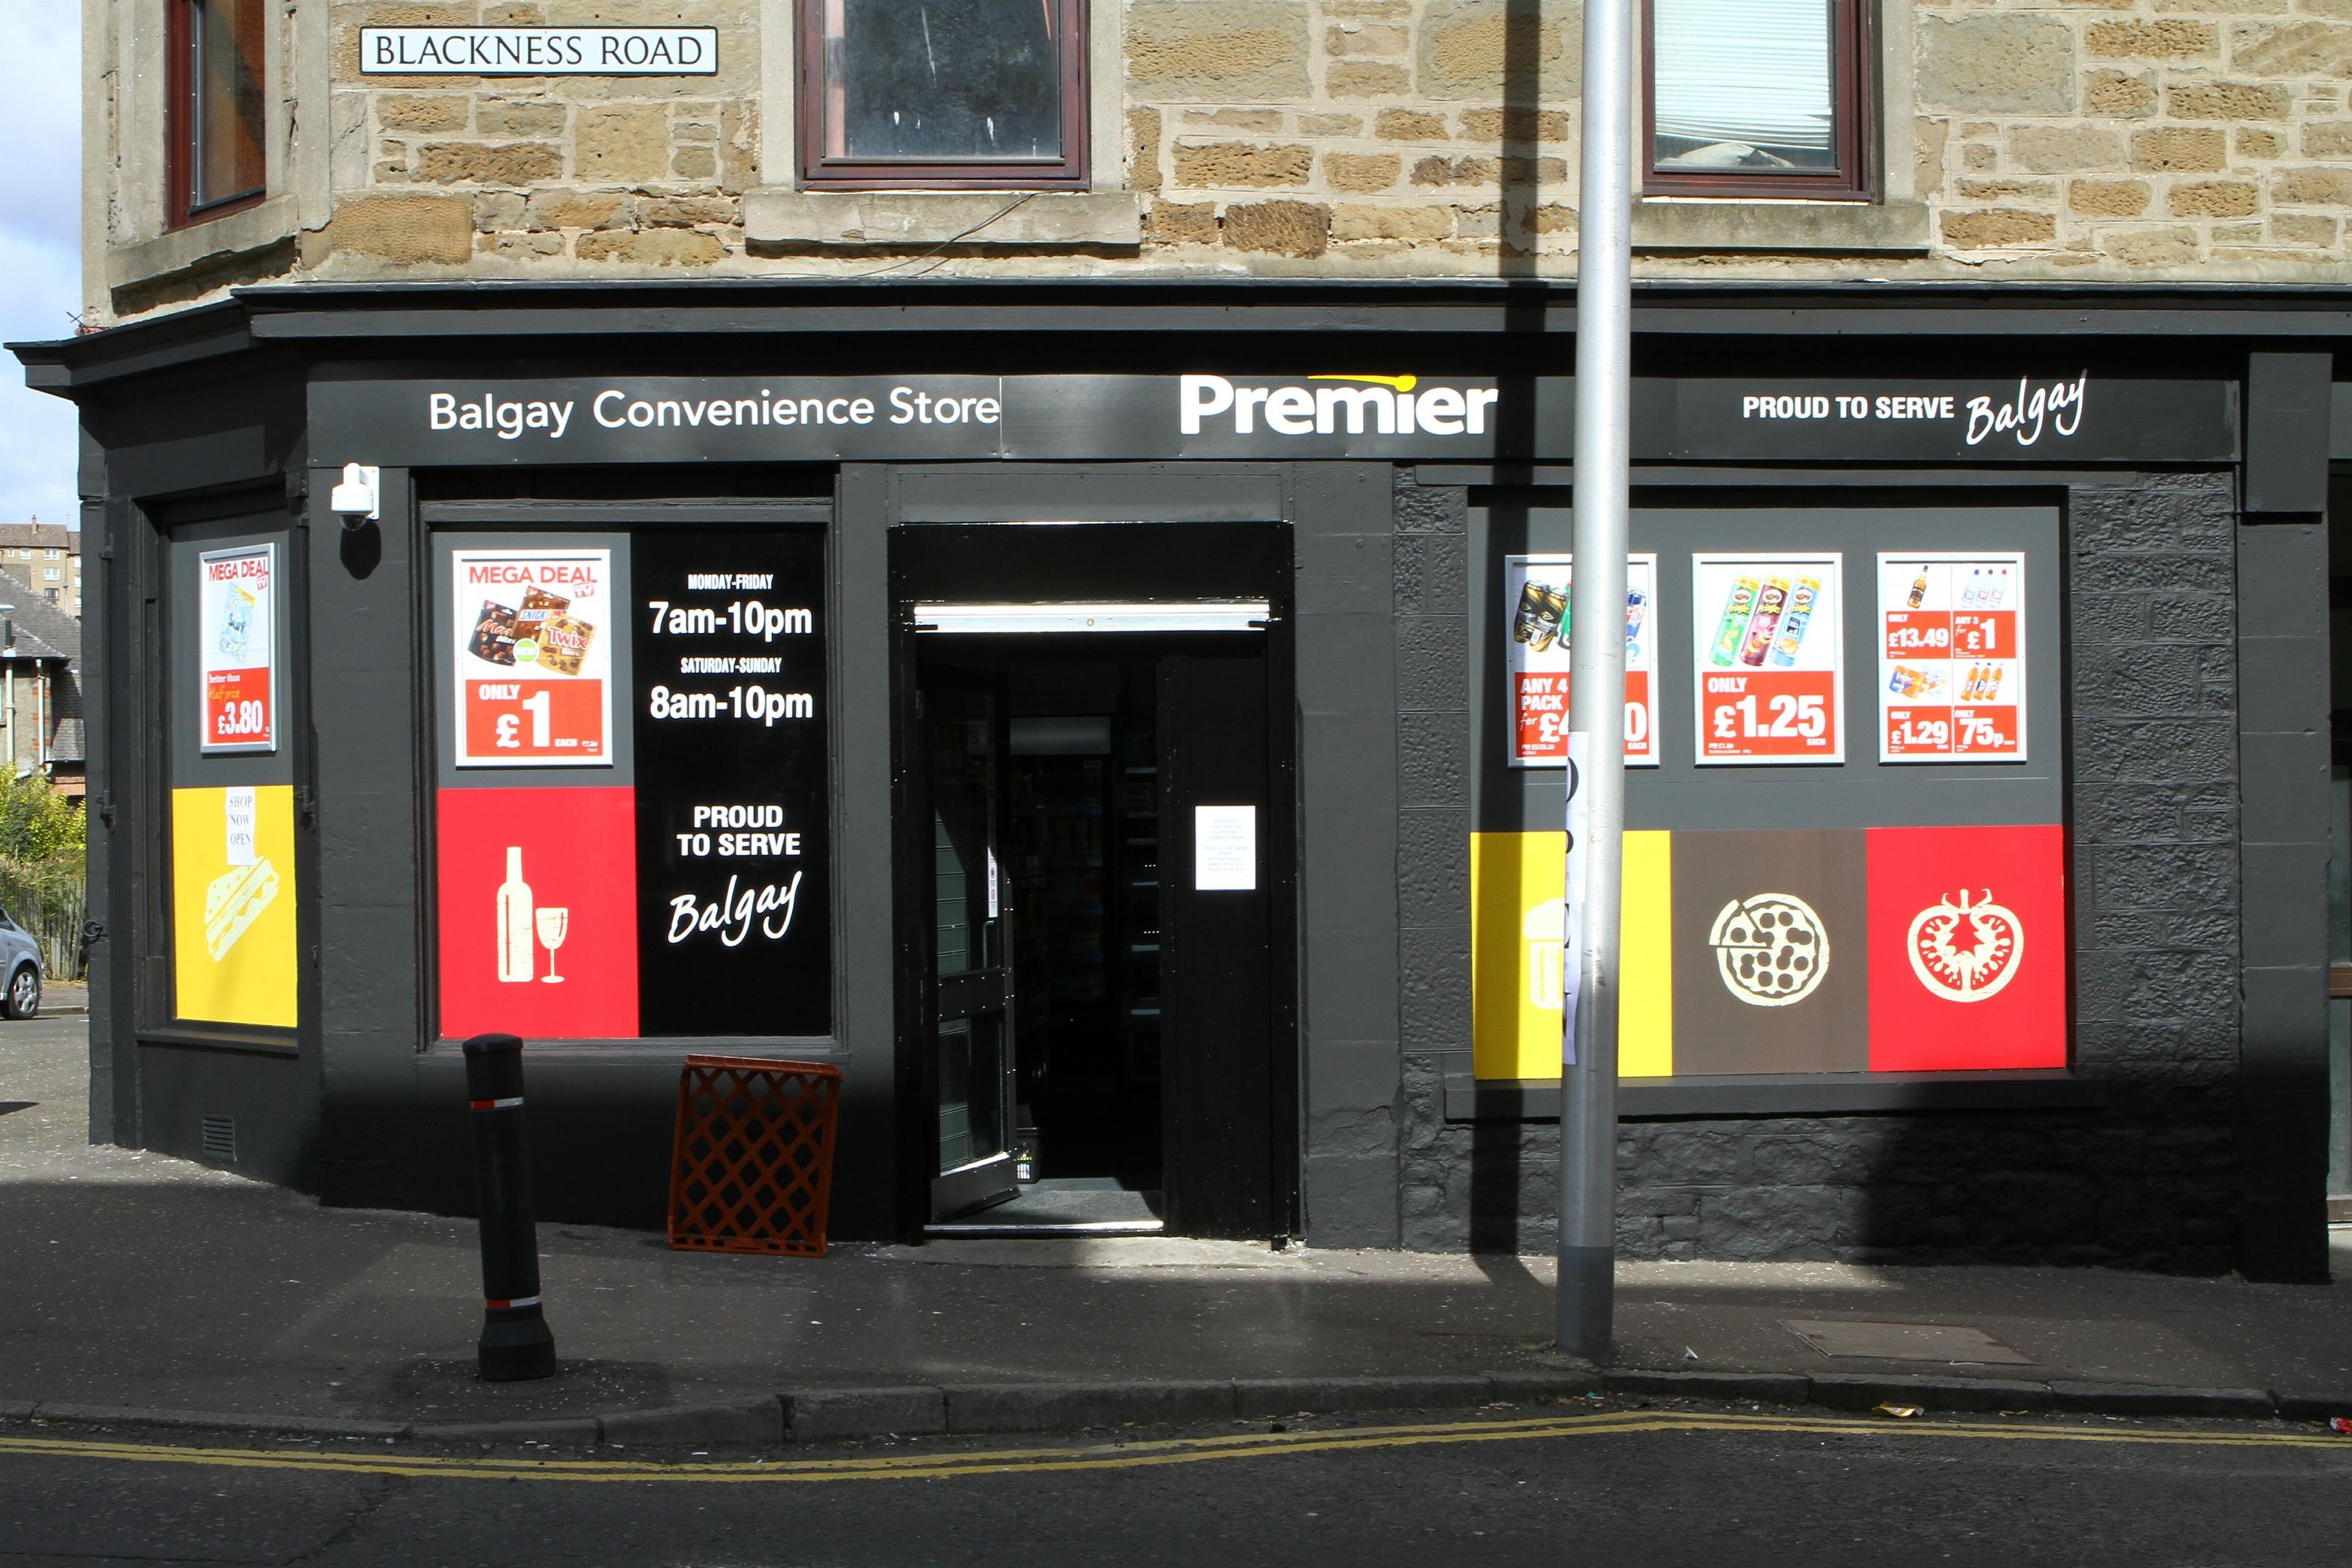 Balgay Convenience Store